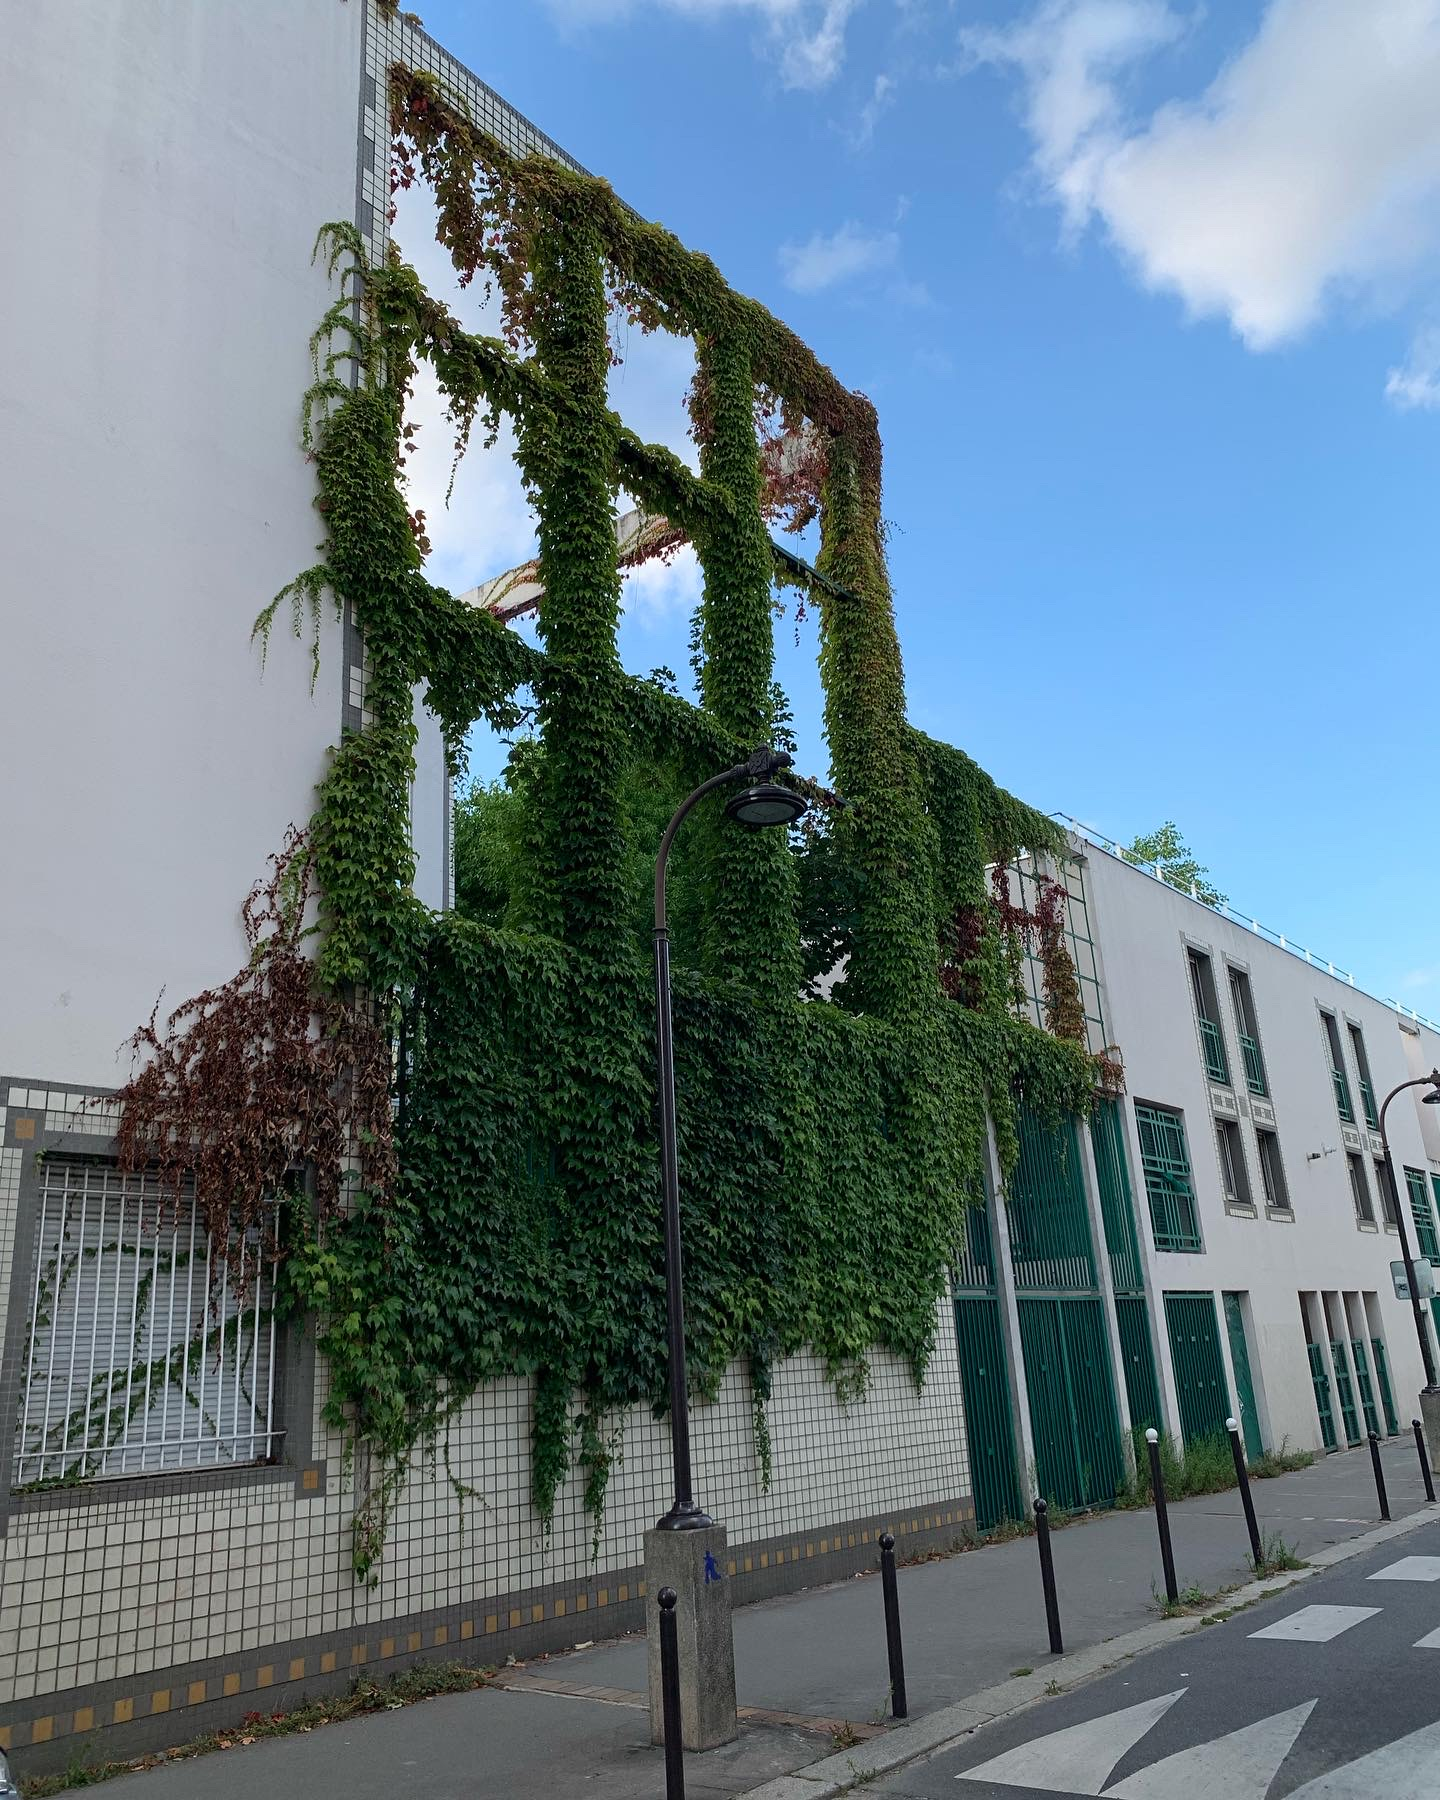 Collège Flora Tristan : derrière le lierre, une ferme urbaine